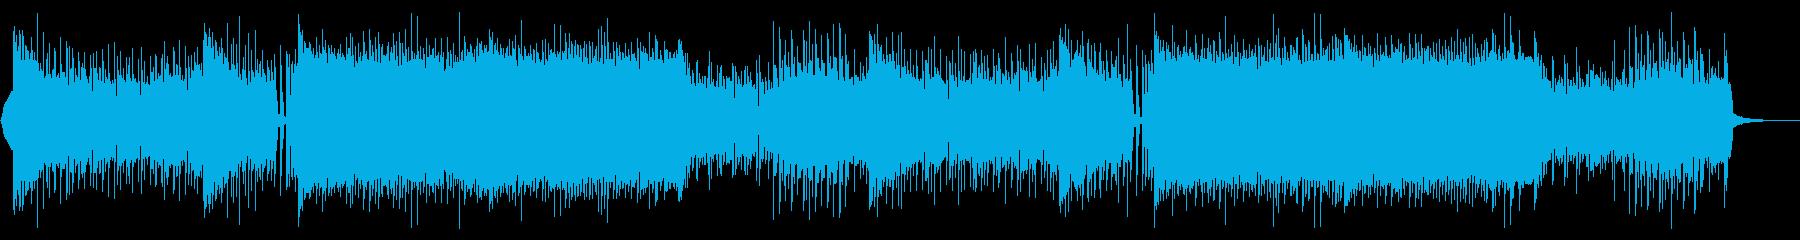 EDM アグレッシブ・盛り上がるの再生済みの波形